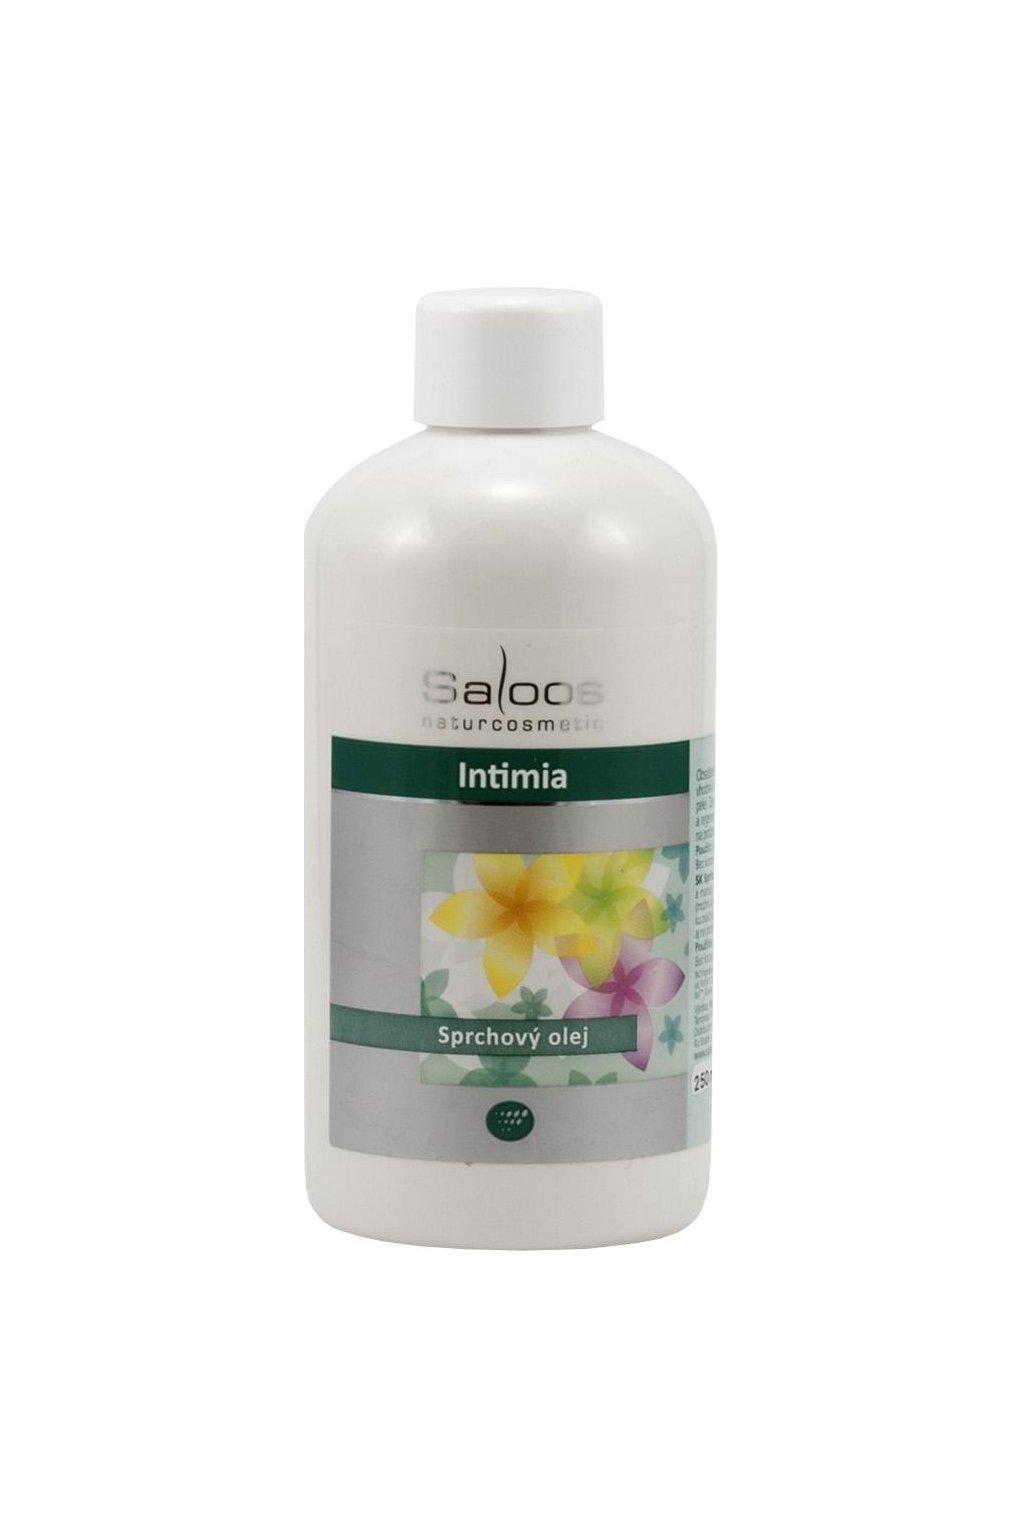 11378 saloos intimia sprchovy olej 250 ml